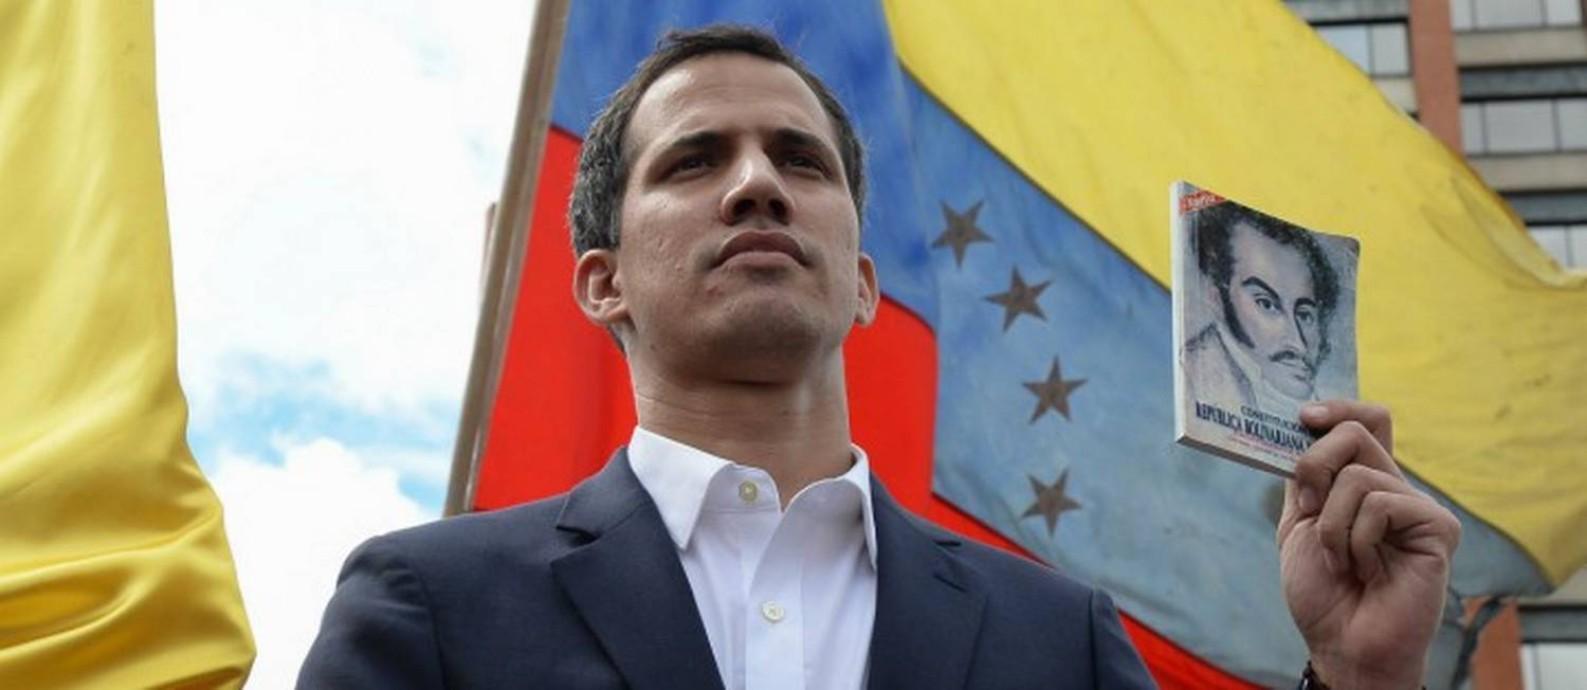 Juan Guaidó faz juramento como presidente interino da Venezuela nesta quarta-feira, em Caracas Foto: FEDERICO PARRA / AFP